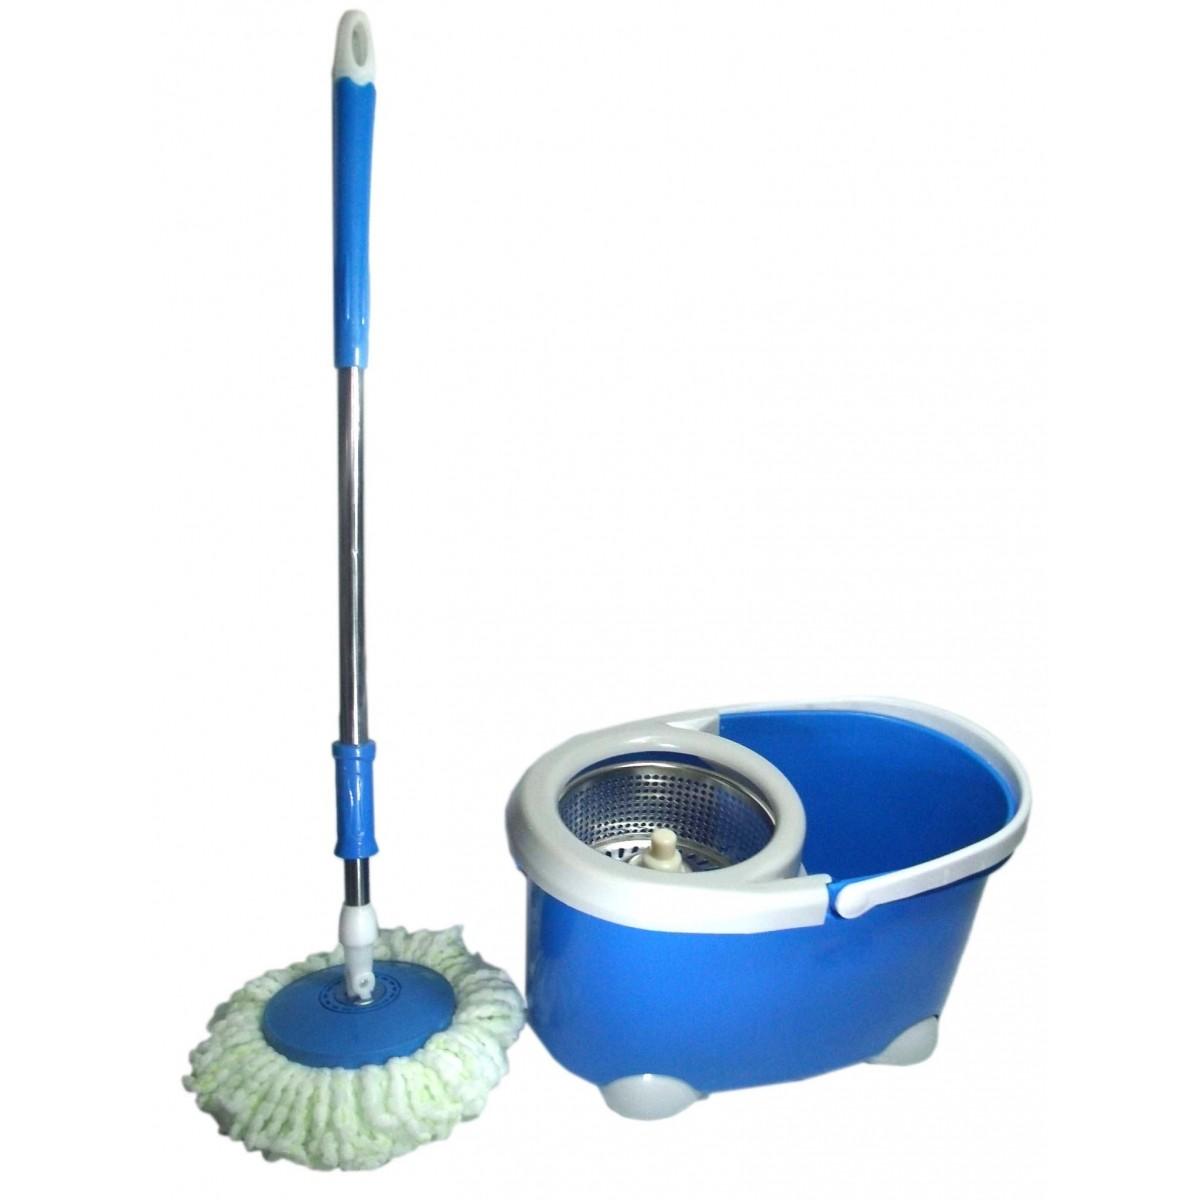 Balde Mop Esfregao Inox De Limpeza Spin Casa Centrifuga + 1 Refil Extra Microfibra Cor Azul NA* (bsl-mop-4)